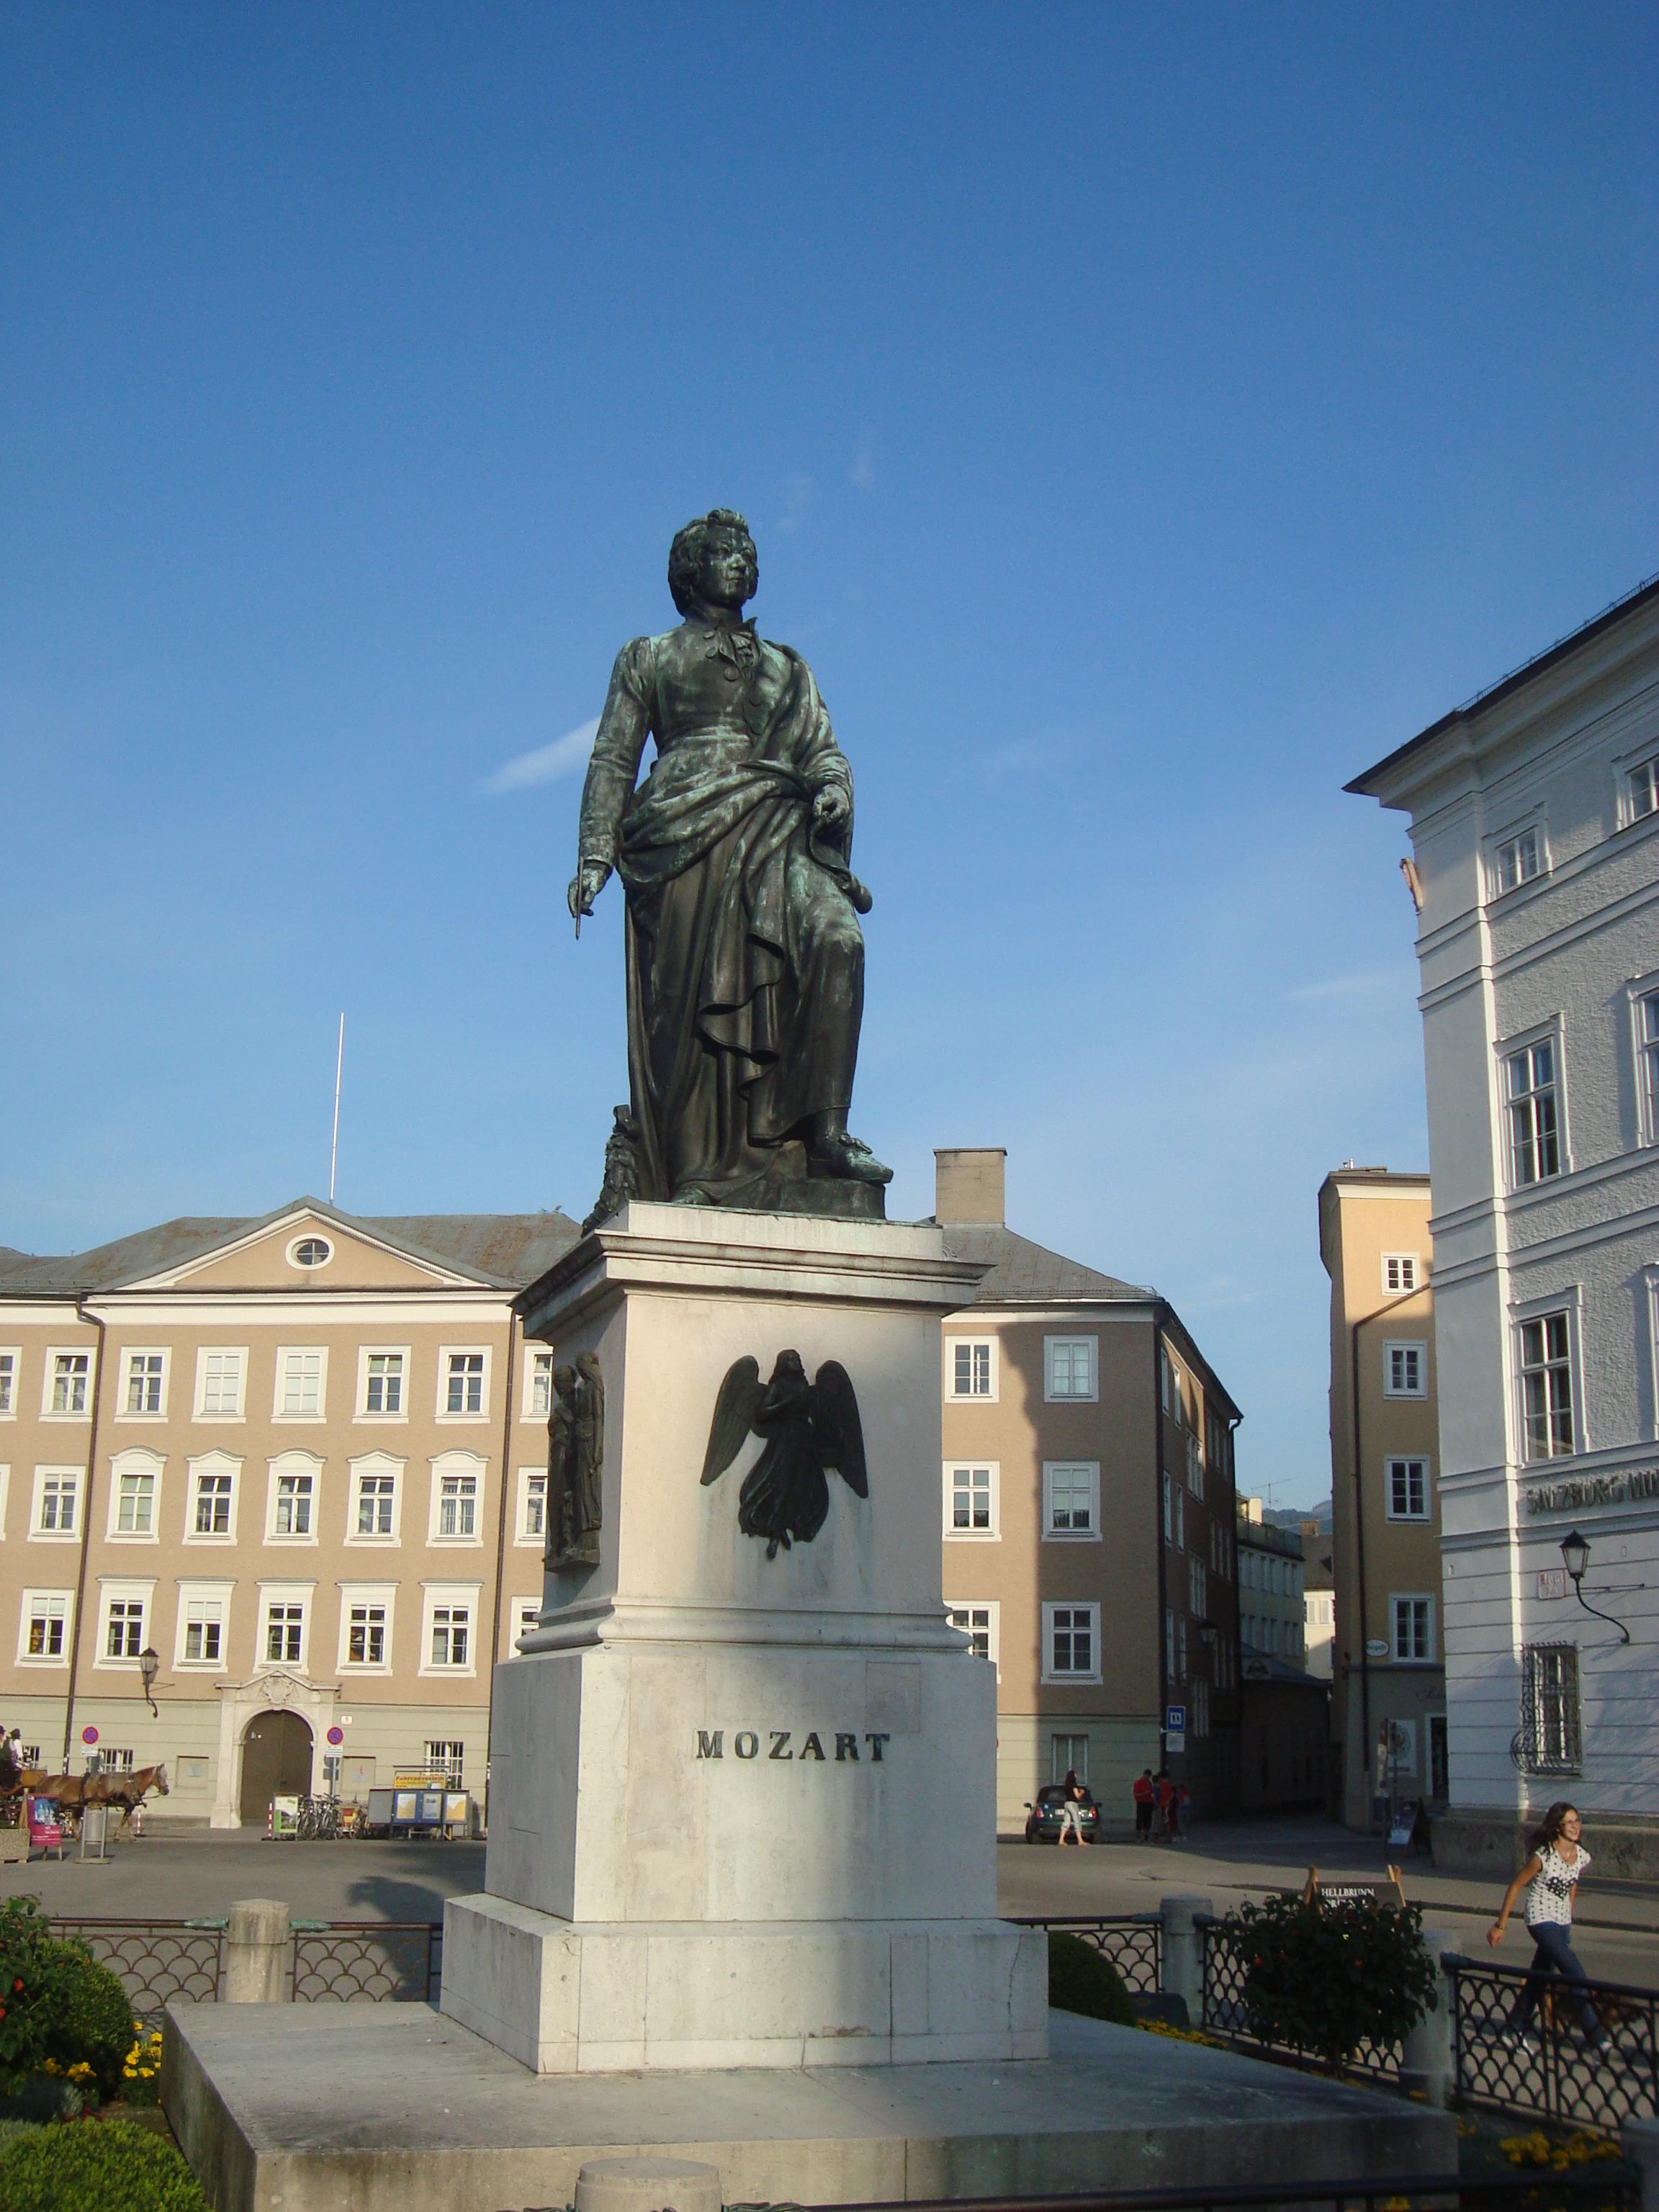 Вярно ли е, че Моцарт е умрял в бедност?